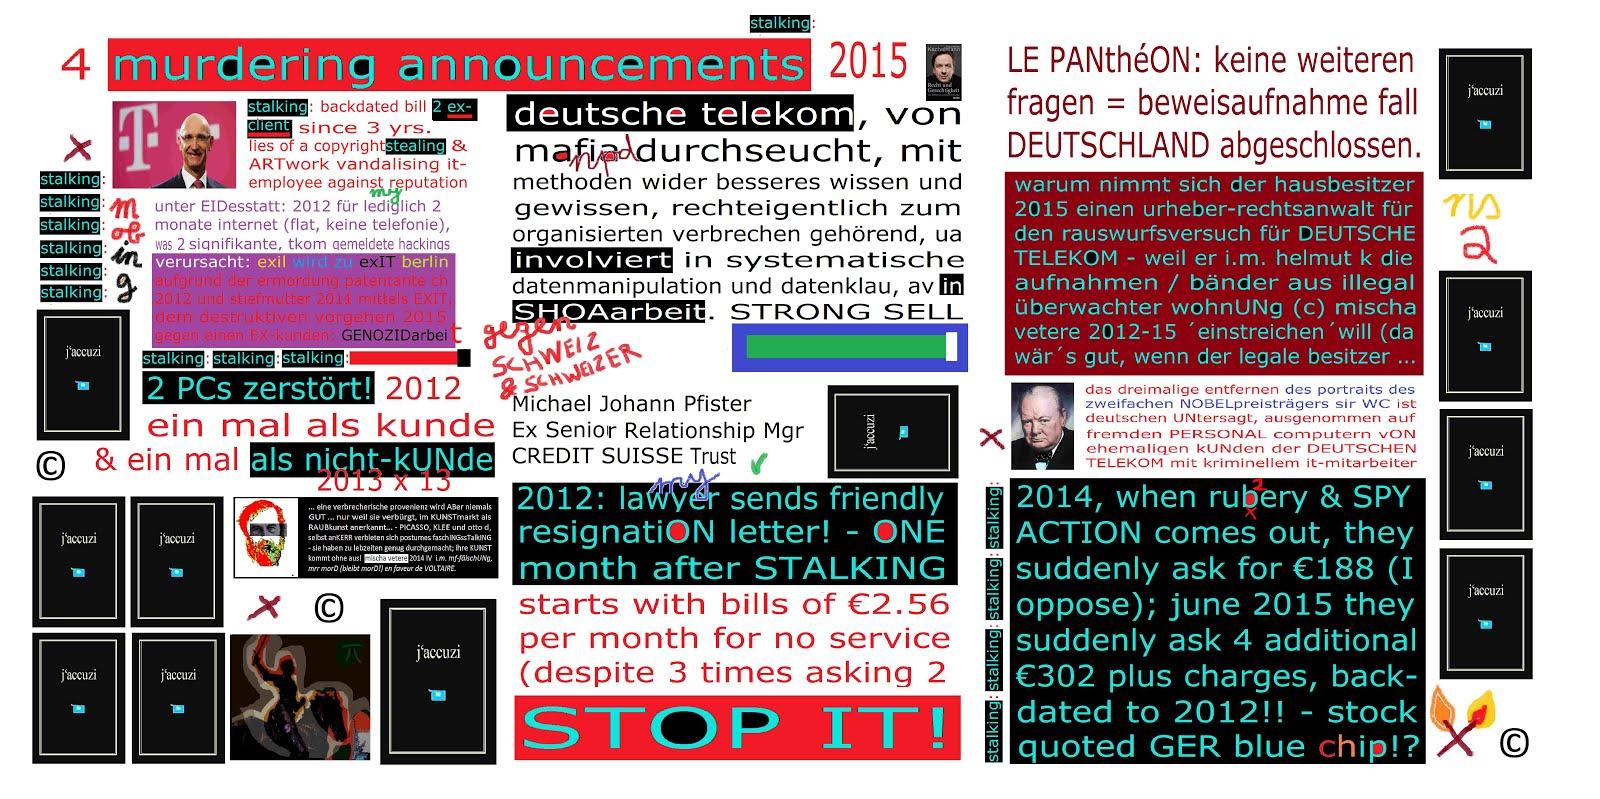 deutsche telekom vorstand aufsichtsrat börsenaufsicht dr hädrich dr hoener tkom proudly in genocide